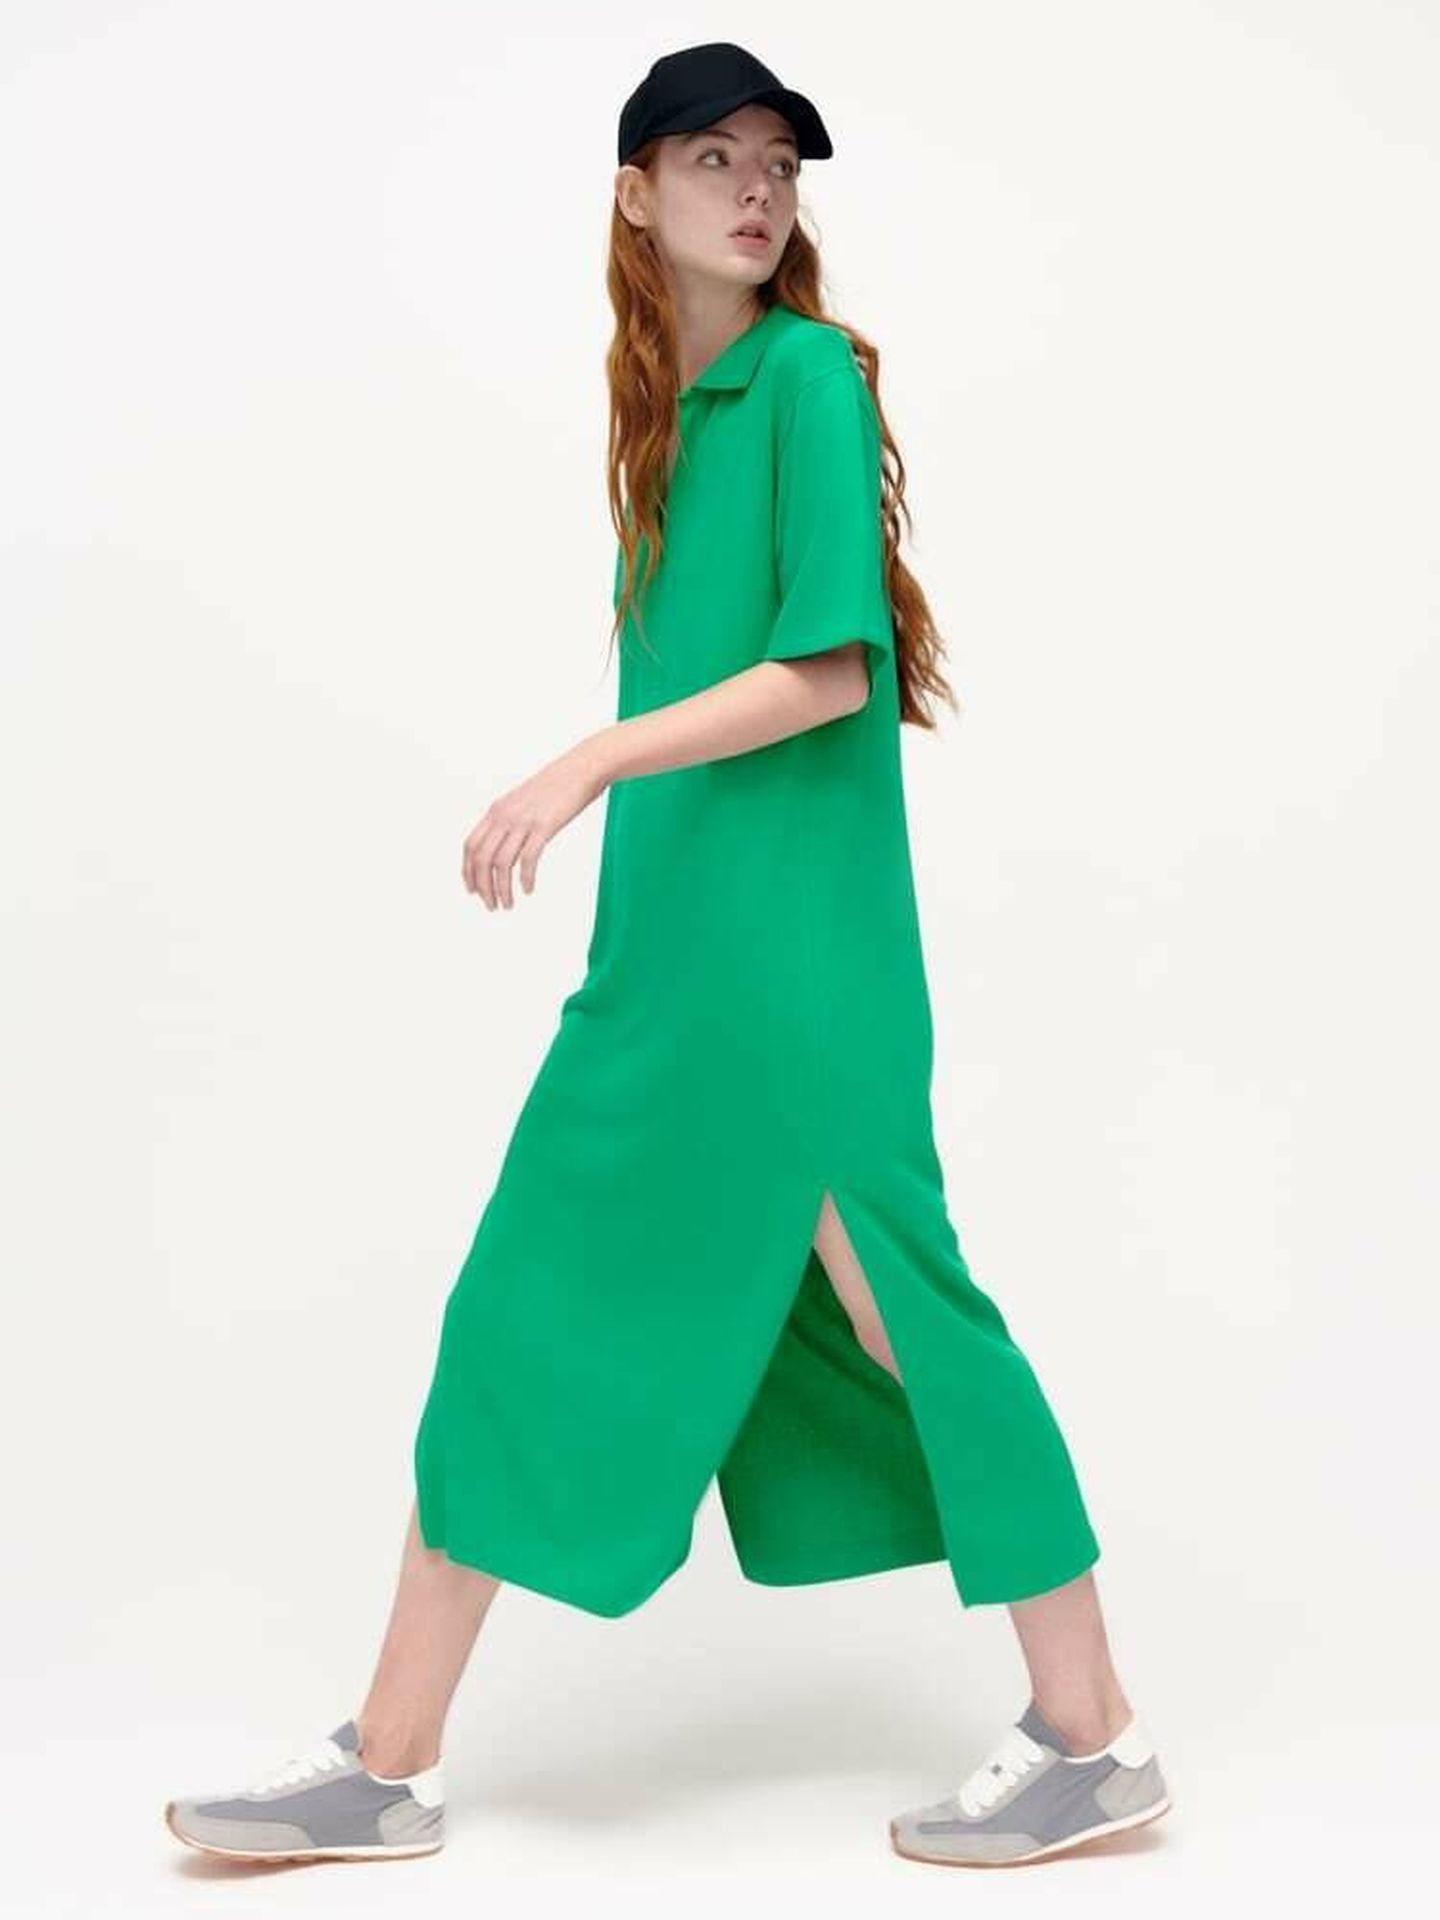 El nuevo vestido de Zara en color verde esmeralda. (Cortesía)